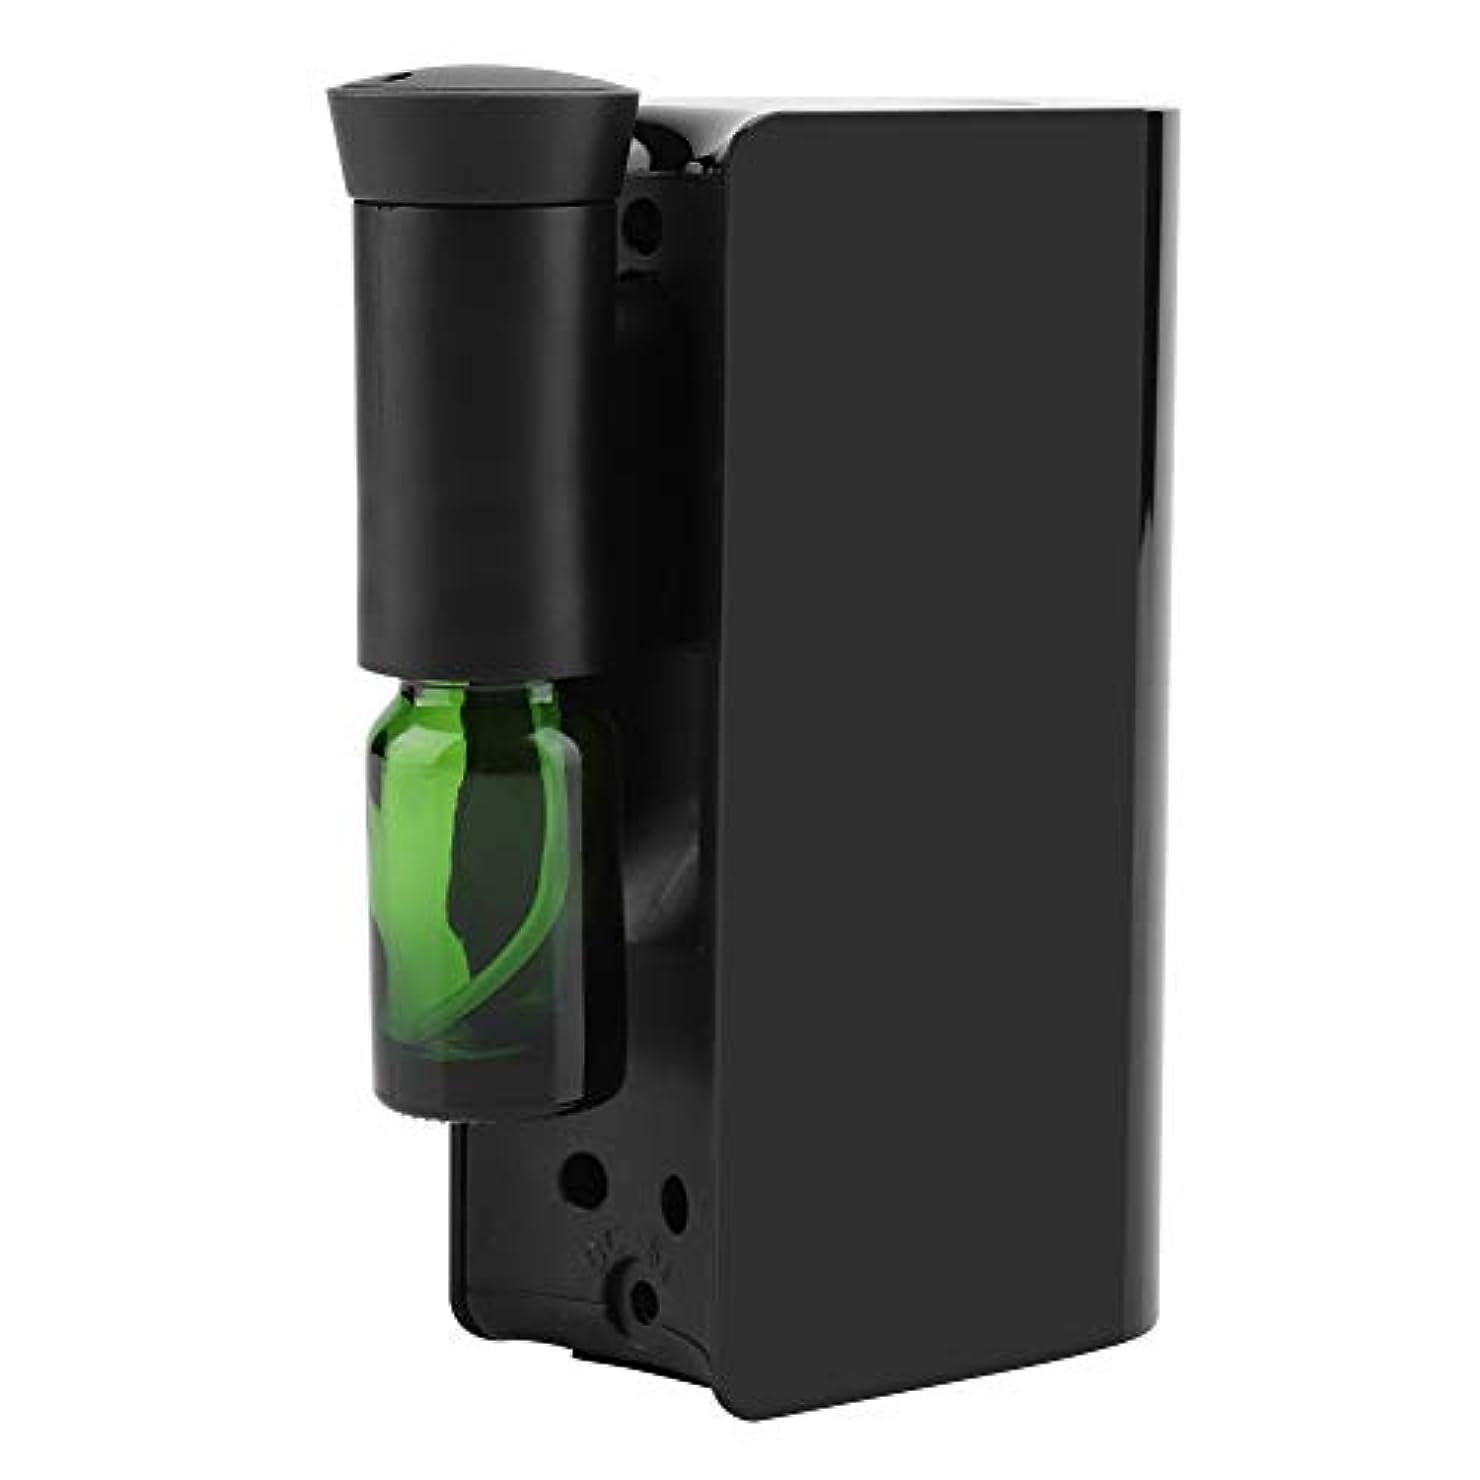 シェトランド諸島予定人里離れたエッセンシャルオイルディフューザー、100ml USB充電式クールミスト加湿器アロマオイル加湿器気化器アロマディフューザー(ブラック)